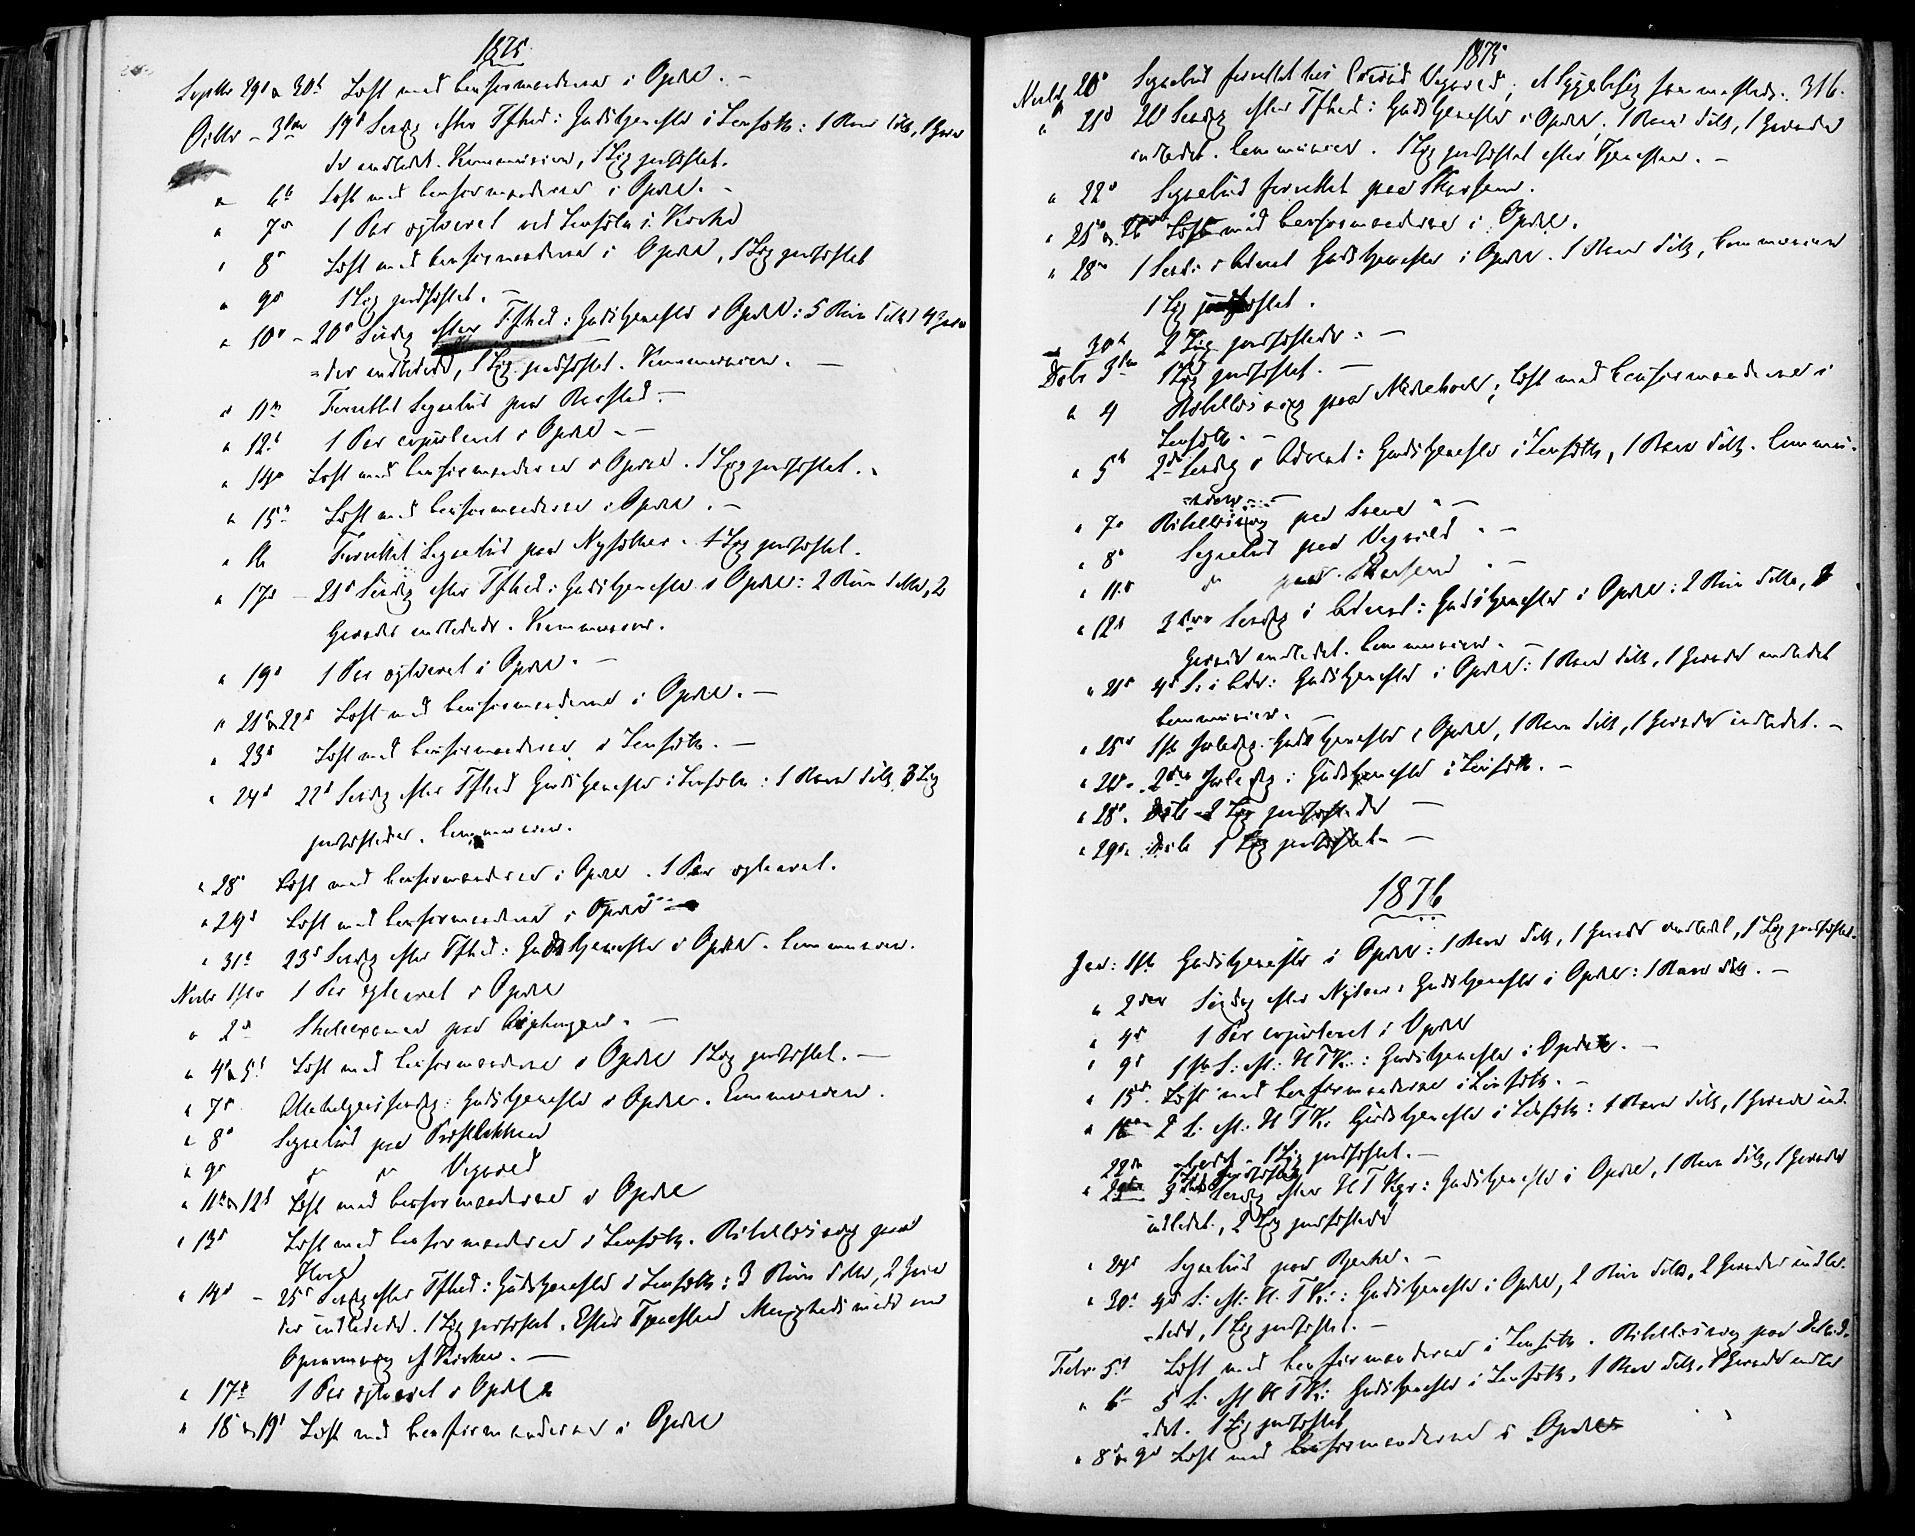 SAT, Ministerialprotokoller, klokkerbøker og fødselsregistre - Sør-Trøndelag, 678/L0900: Ministerialbok nr. 678A09, 1872-1881, s. 316